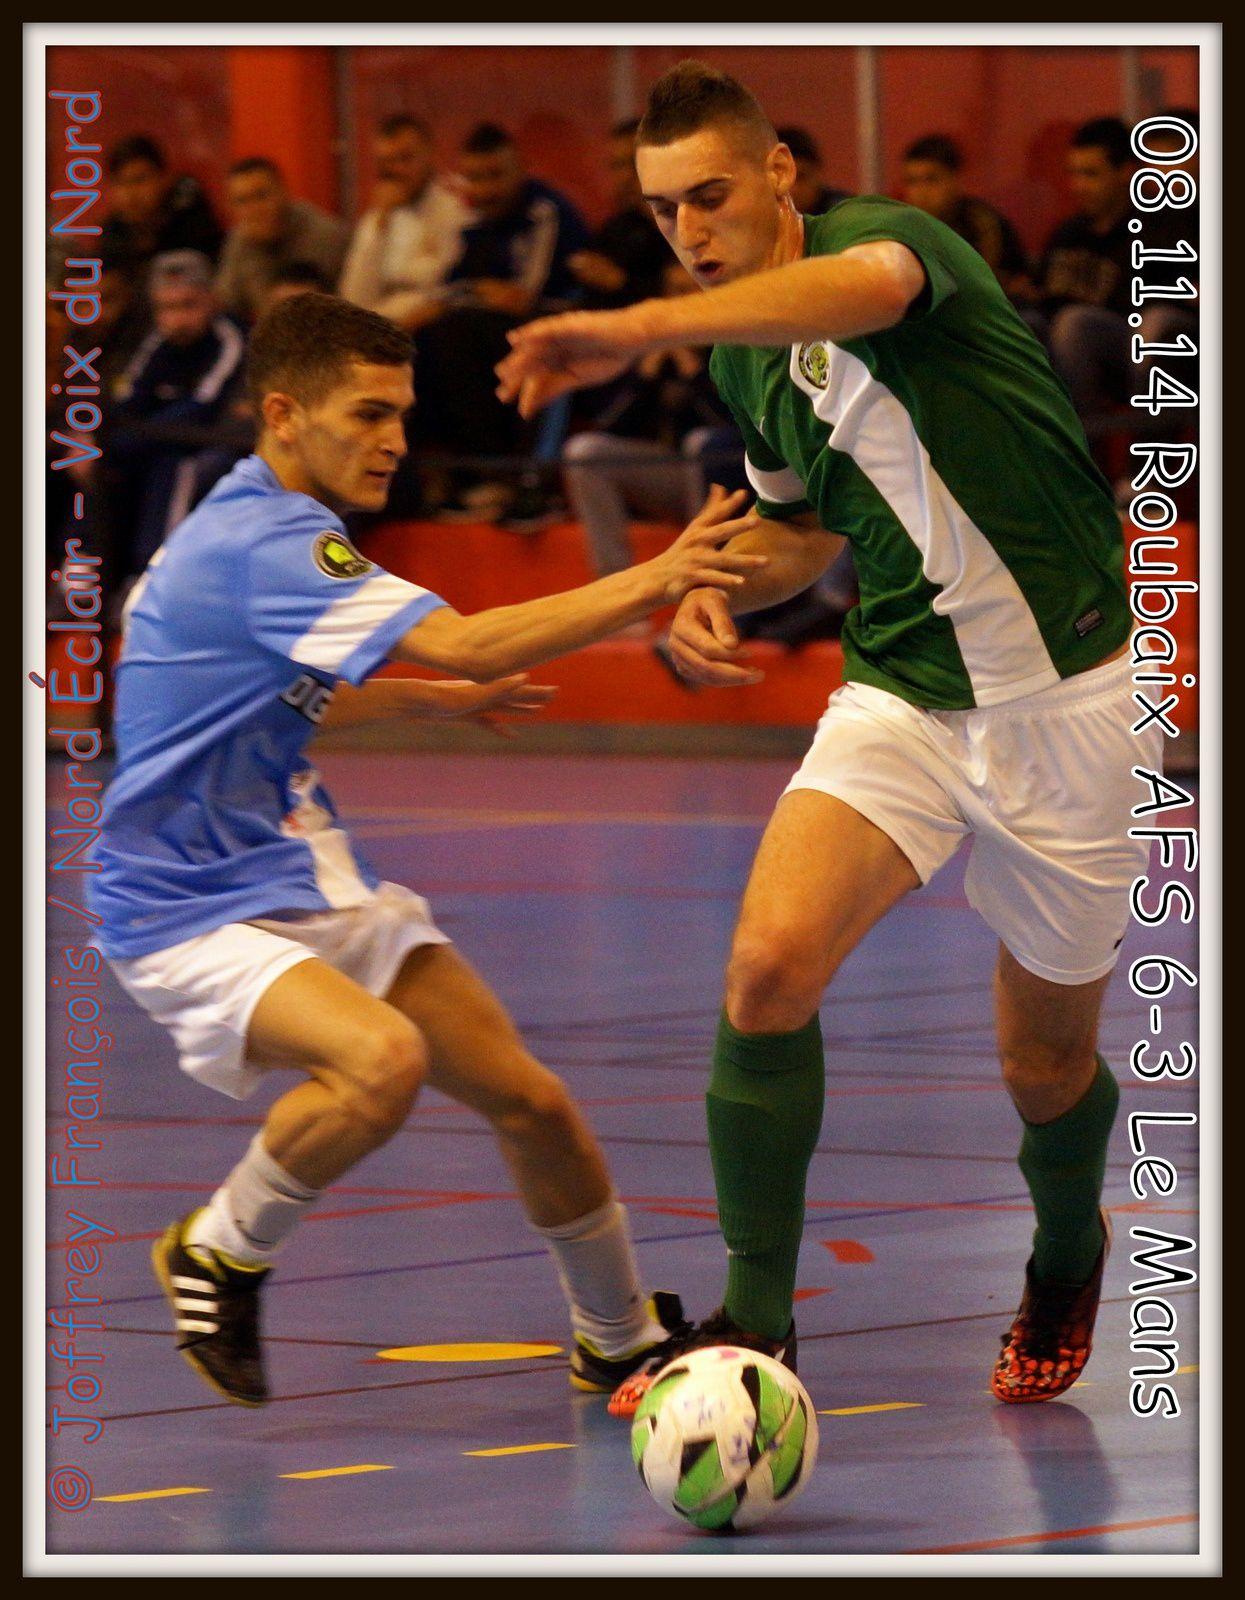 08.11.14 Futsal Roubaix AFS - Le Mans